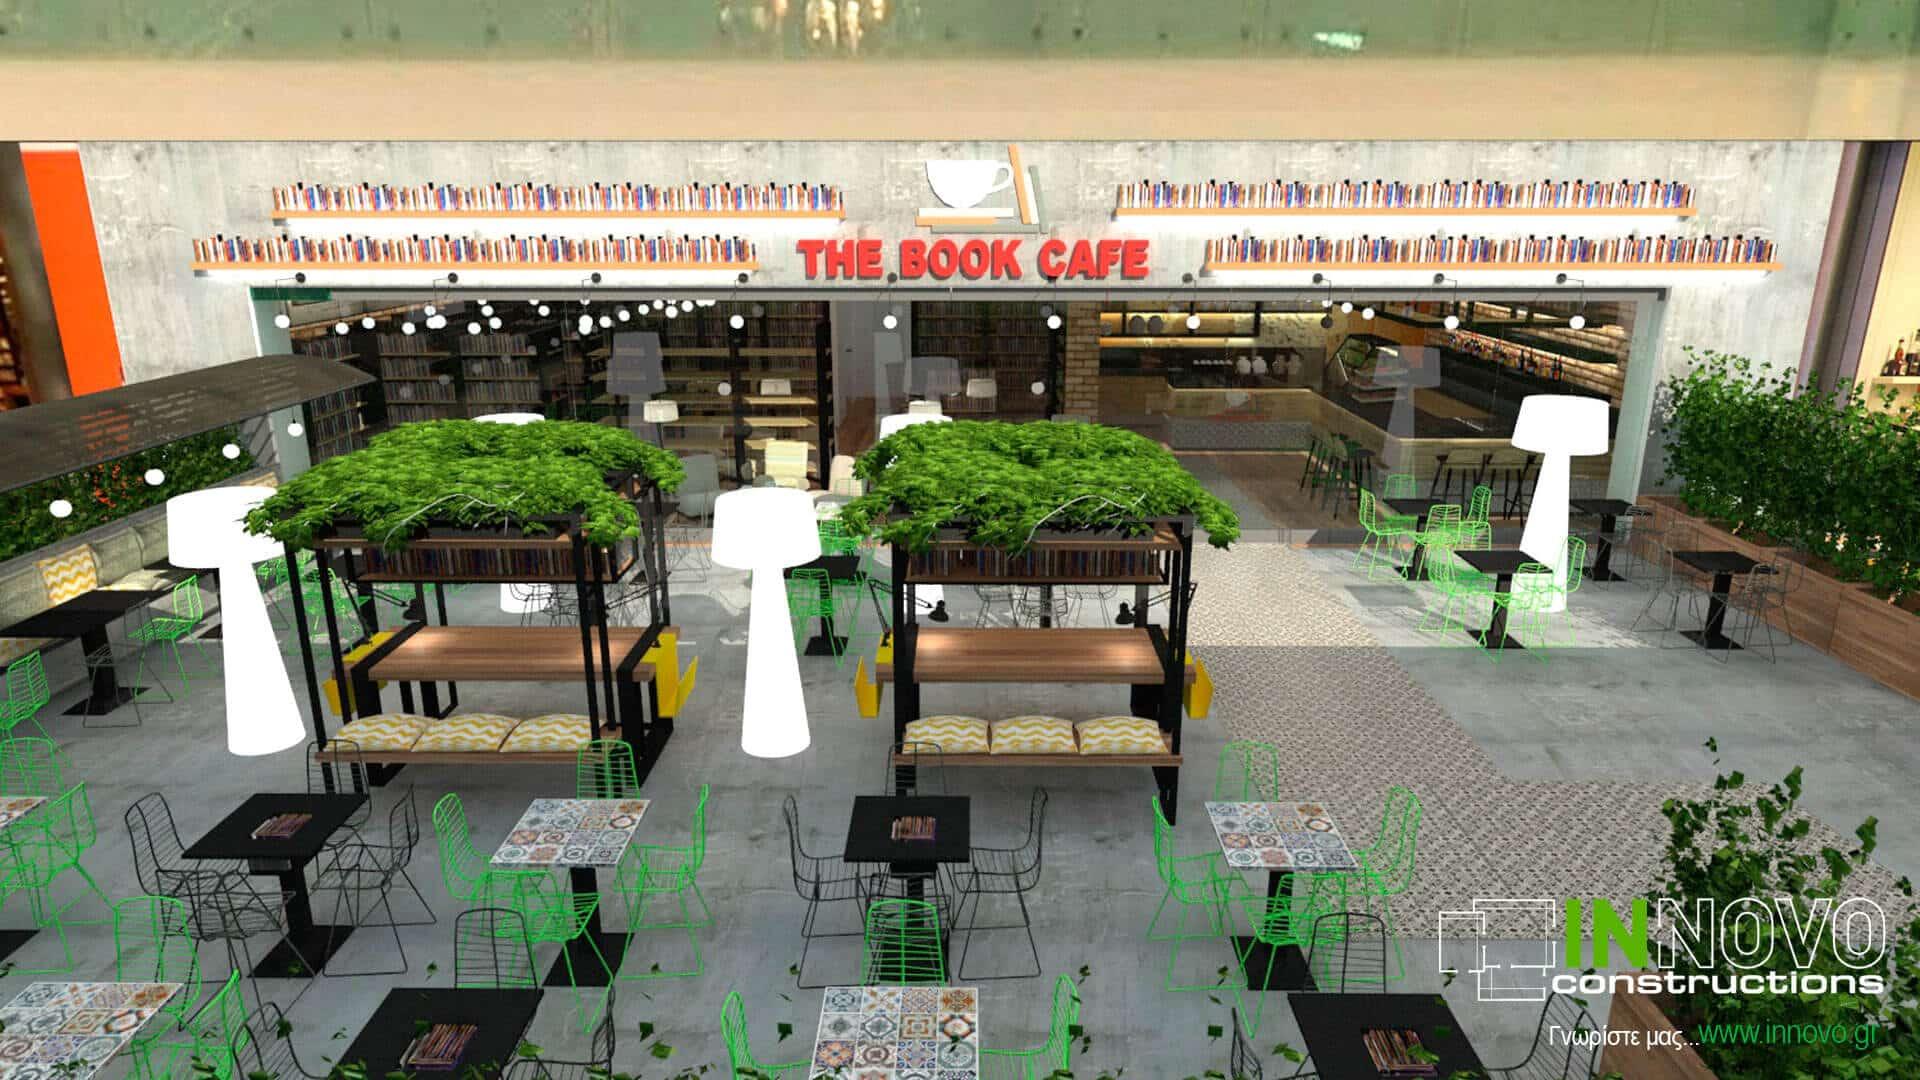 meleti-kataskebi-anakainisi-cafeterias-book-cafe-13